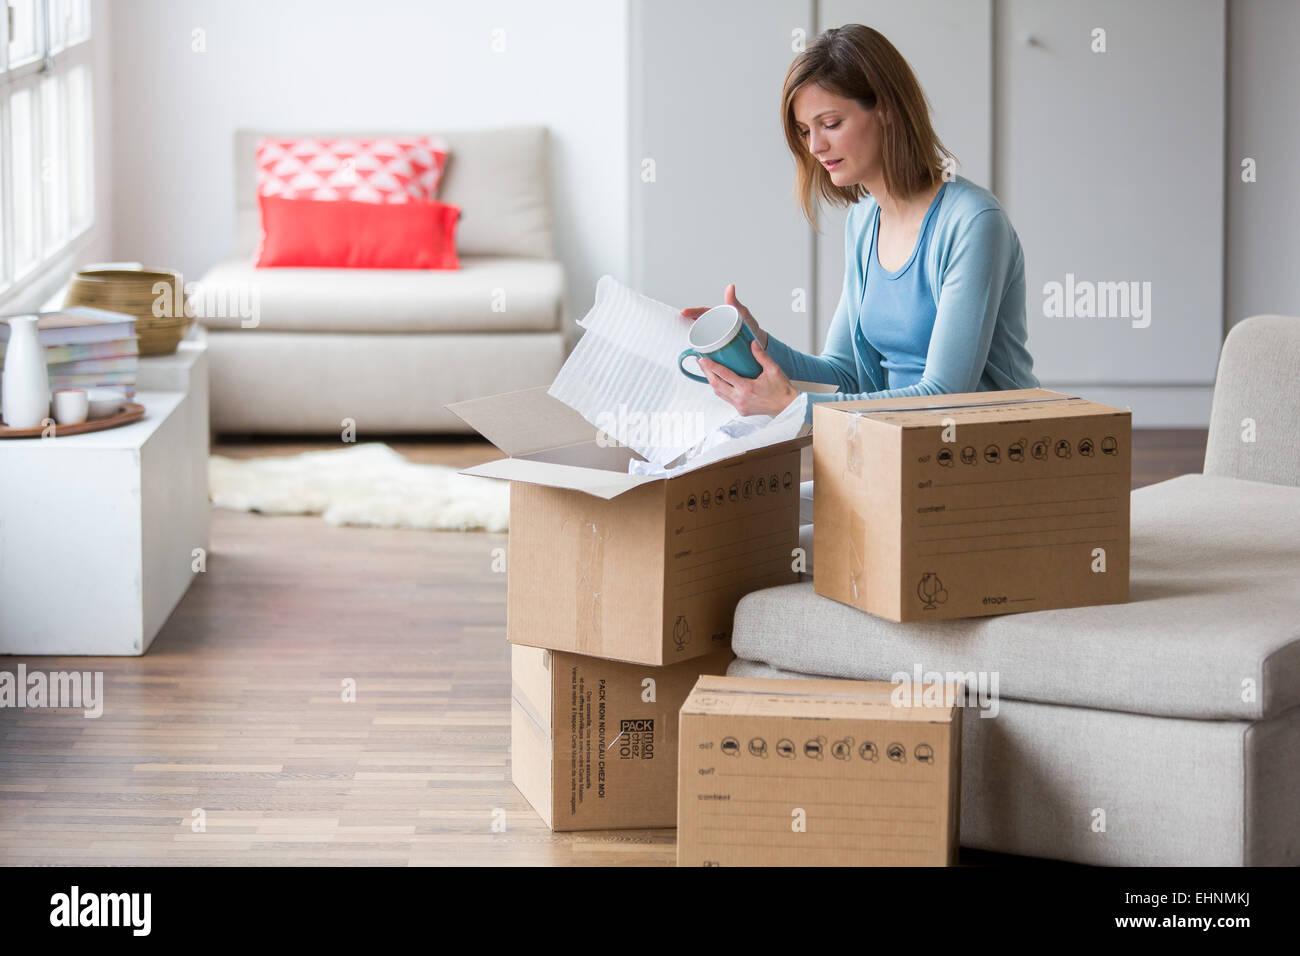 Femme portant des cartons dans sa nouvelle maison. Photo Stock